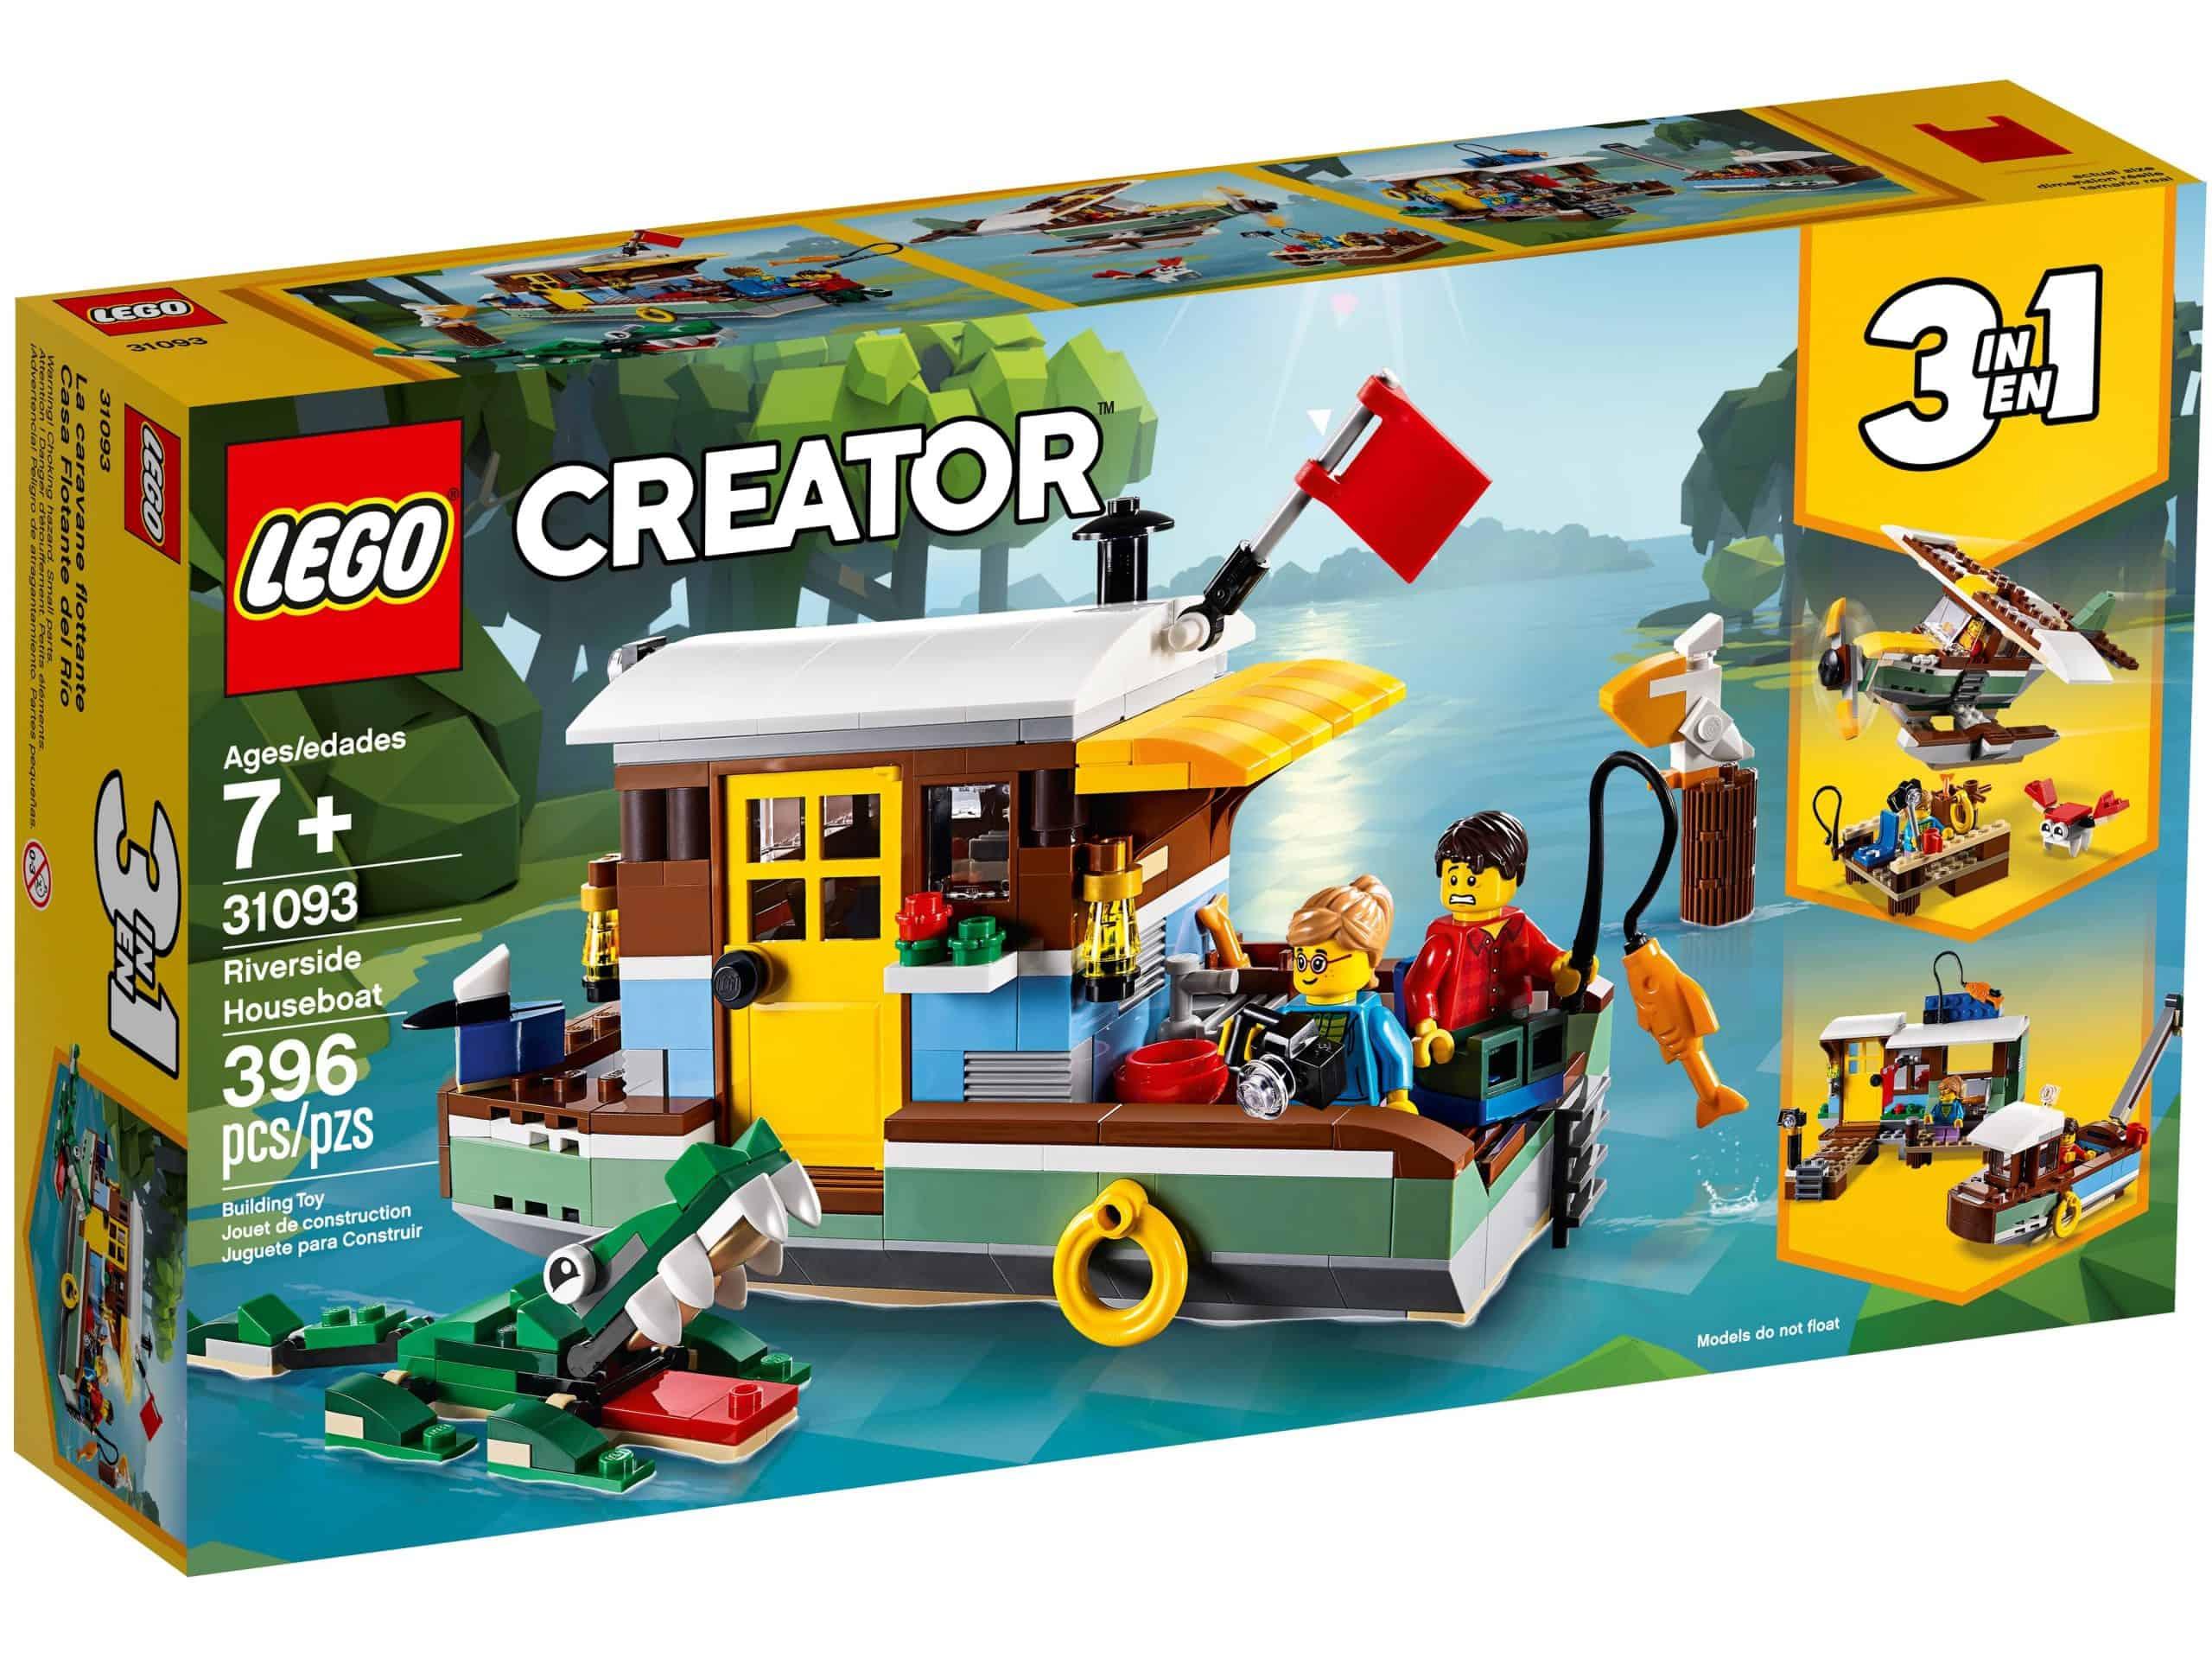 lego 31093 riverside houseboat scaled